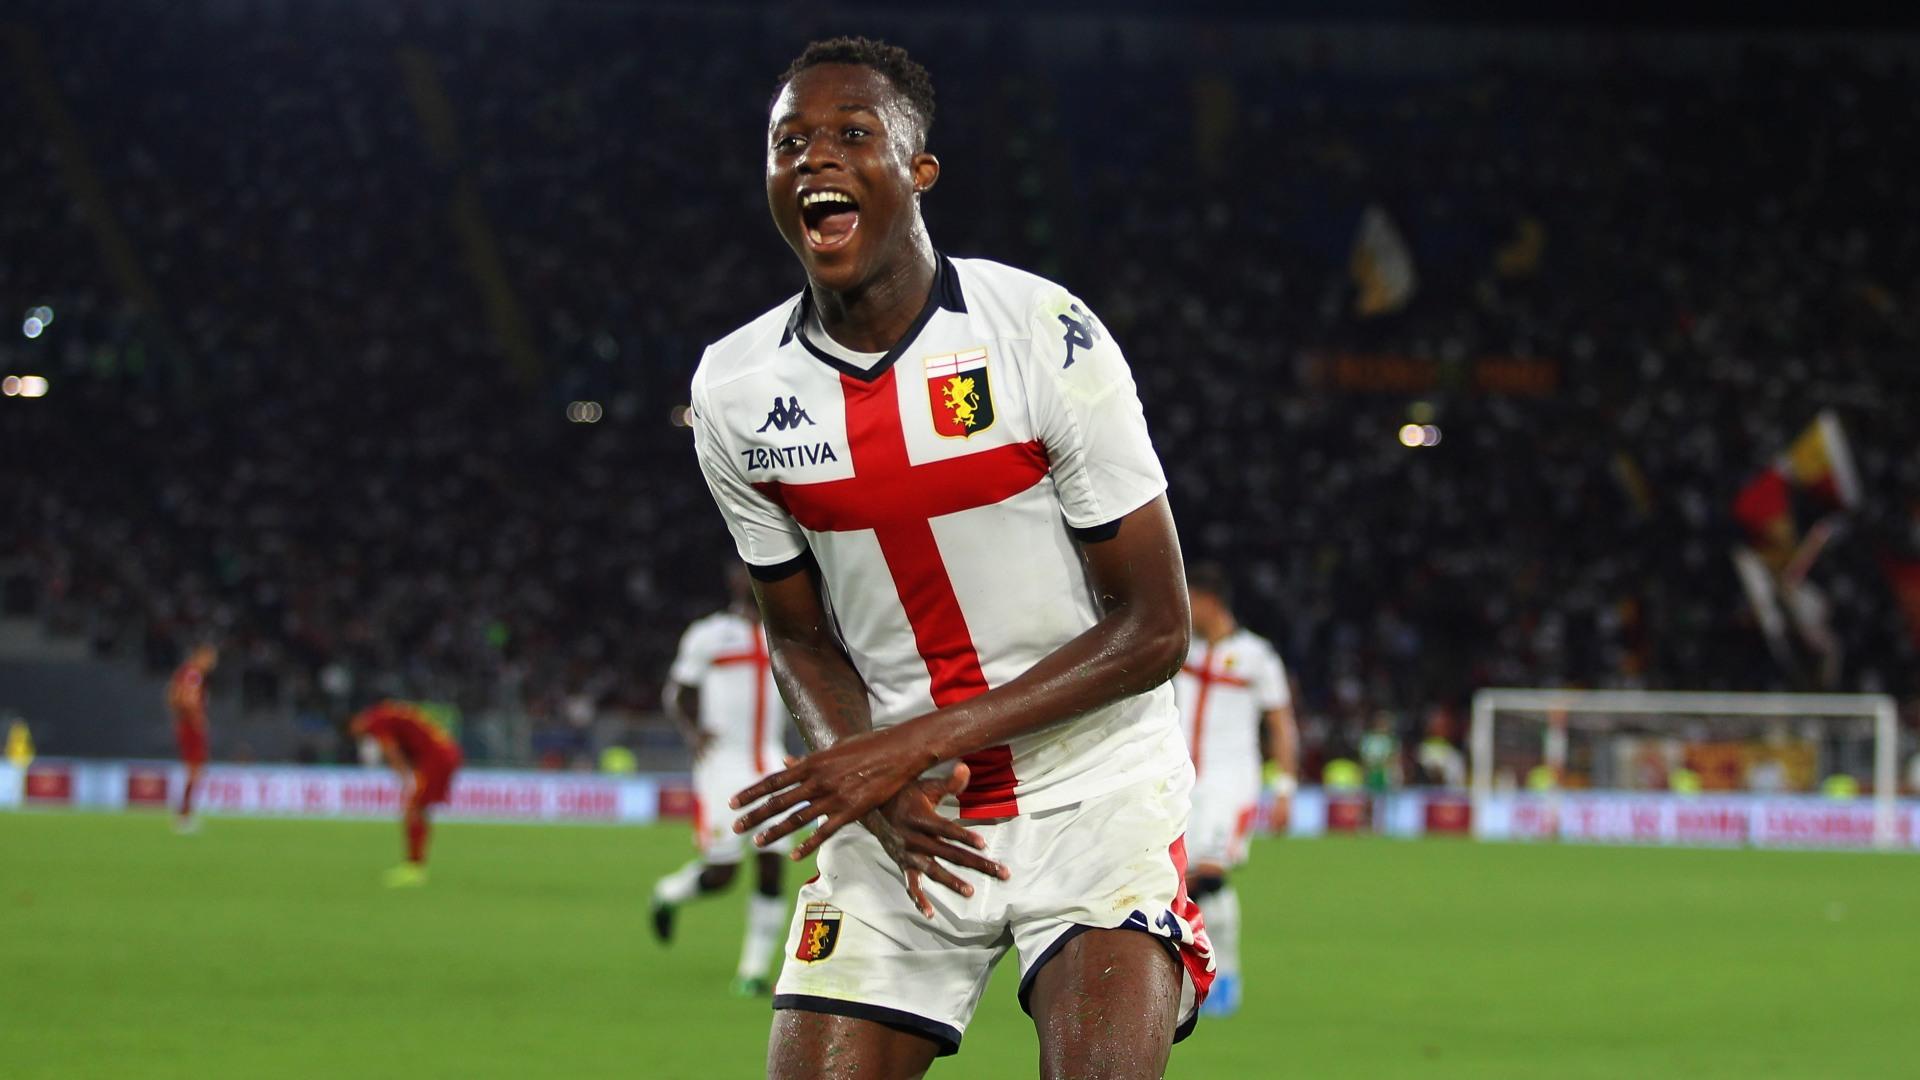 Kouame 'honoured' to play with Fiorentina's Ribery